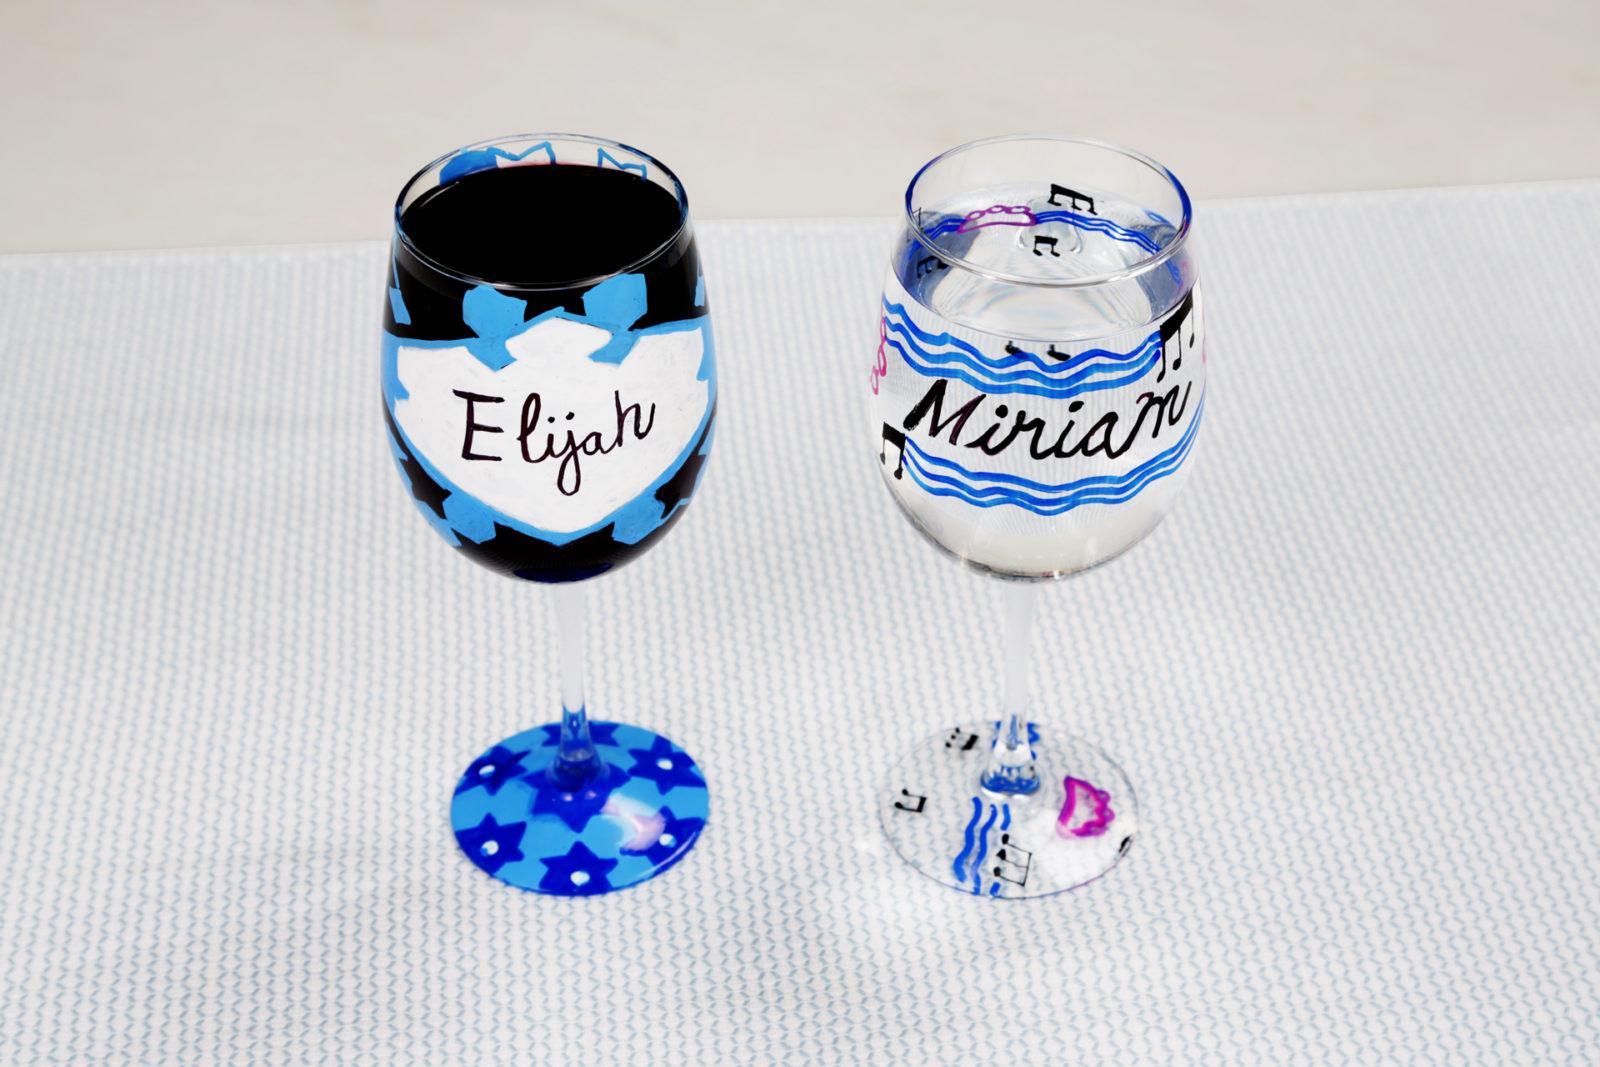 Miriam-and-Elijah-Glasses-final-2